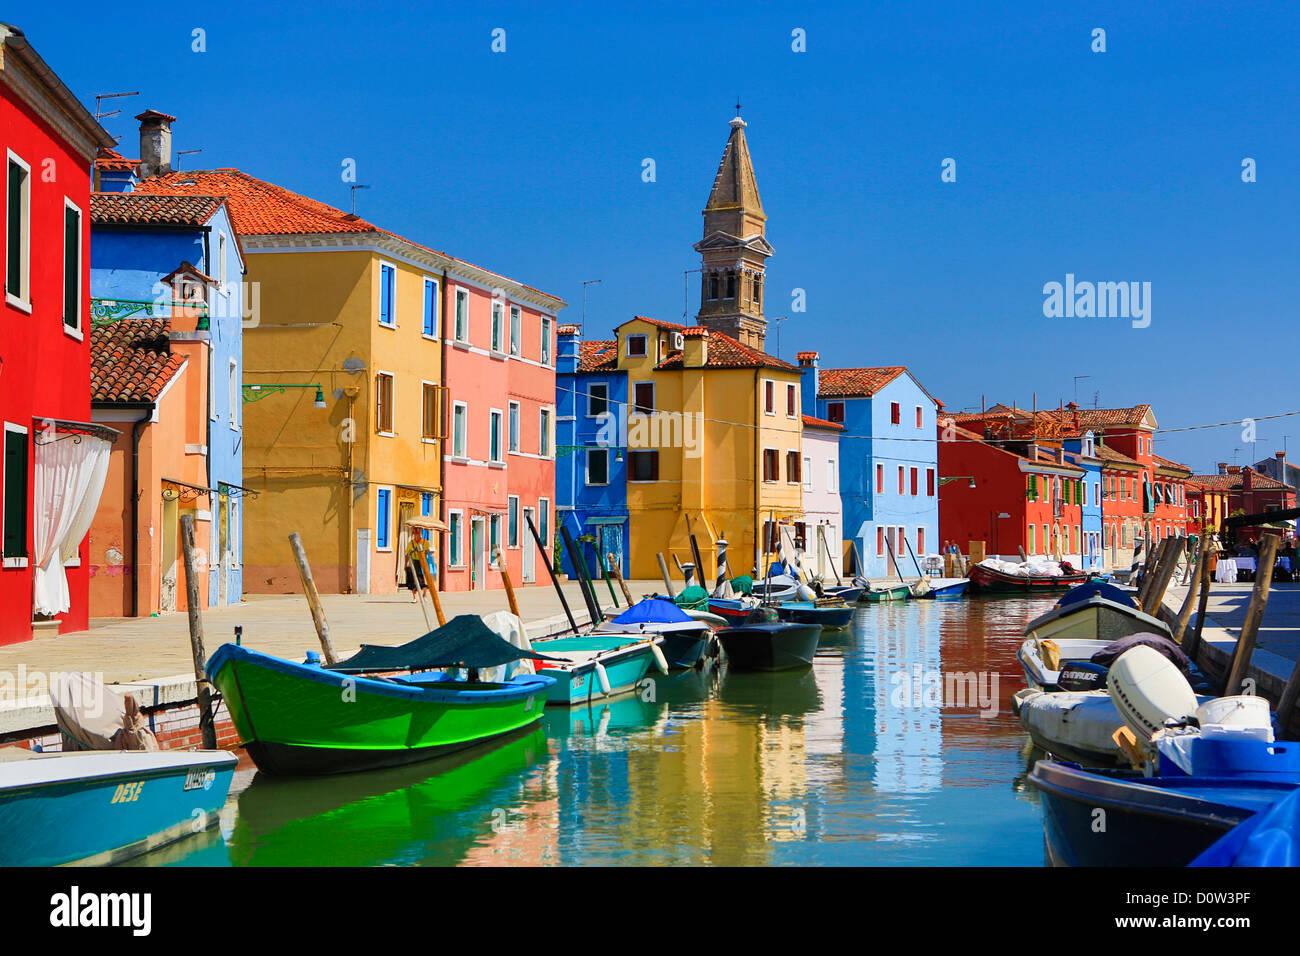 L'Italia, Europa, viaggi, Burano, architettura, barche, canal, colorati, colori, turismo, Venezia Immagini Stock